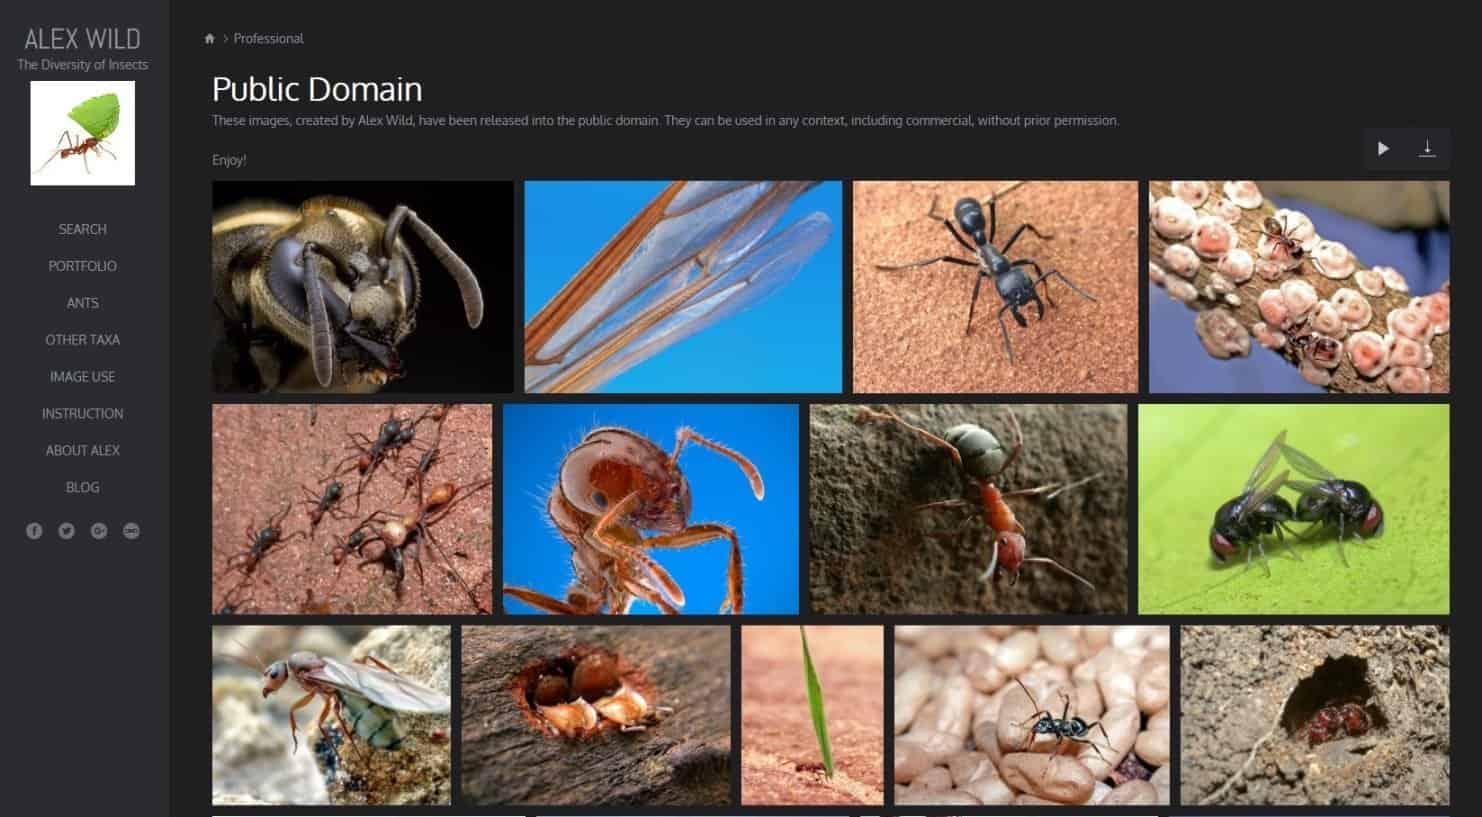 Website Tempat Download Gambar Gratis Untuk Blog Alexander Wild